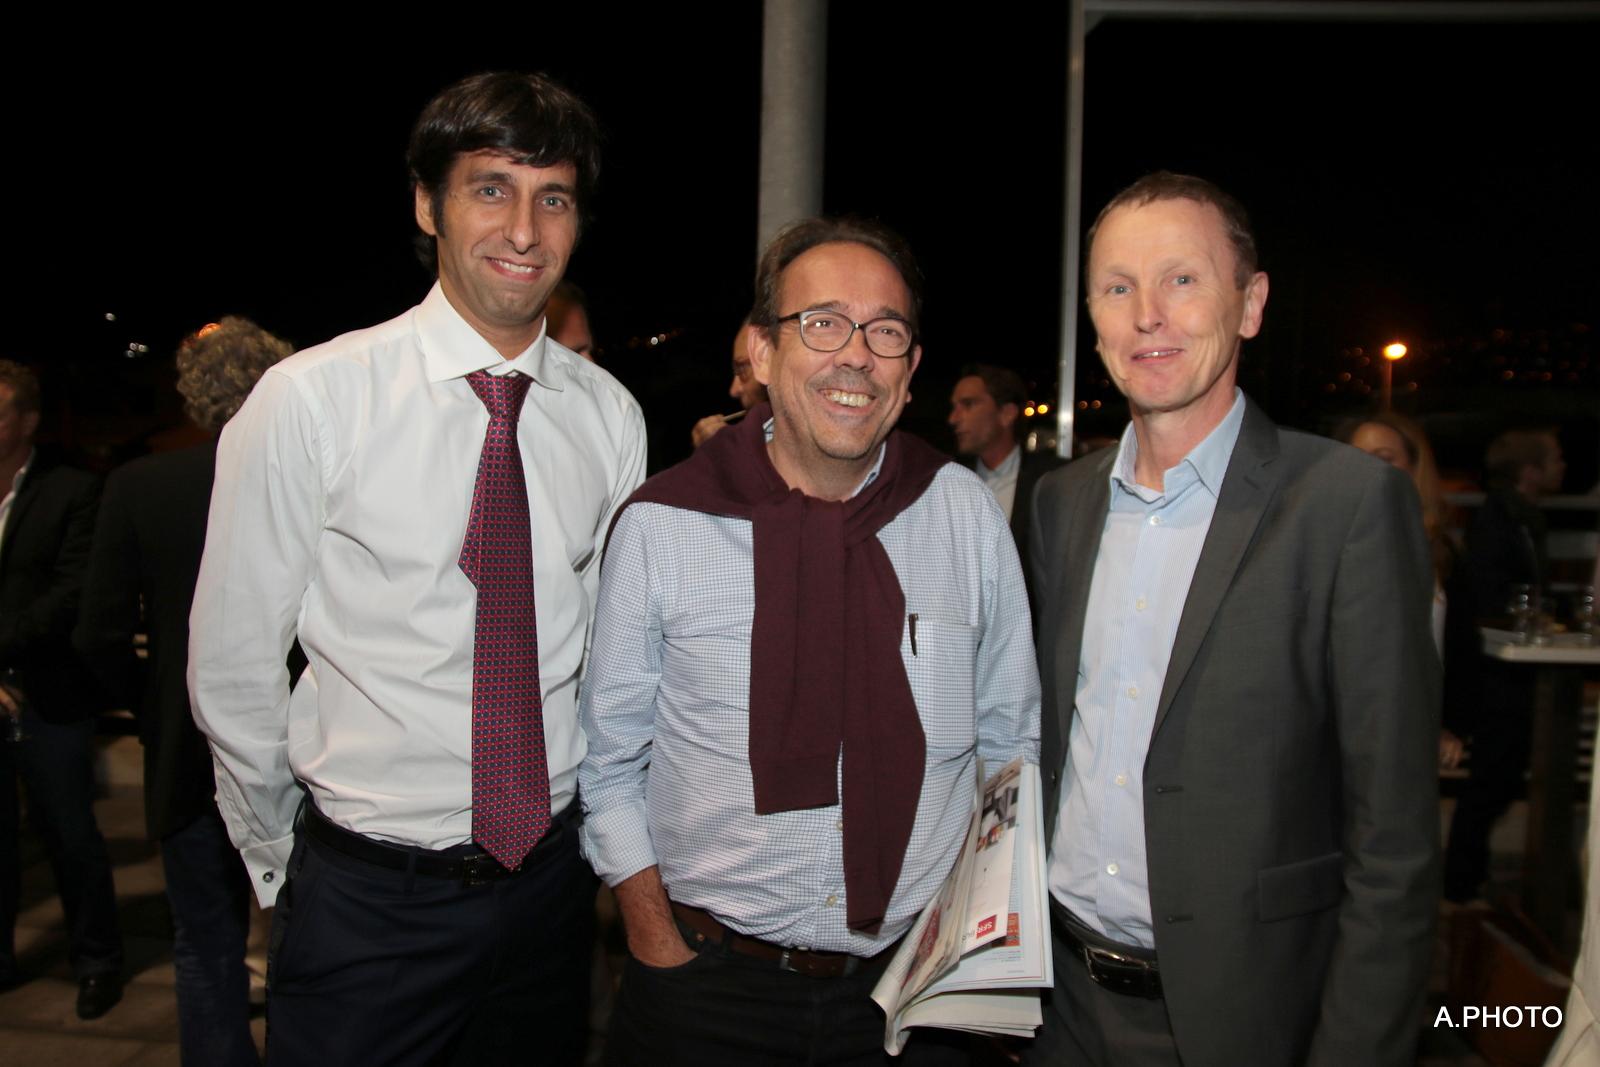 Dev Koytcha, notaire, Benoît Rimbaud, directeur général de Grand Sud Productions, et Guy-Antoine de Lavenne, directeur général de SGM Manutention